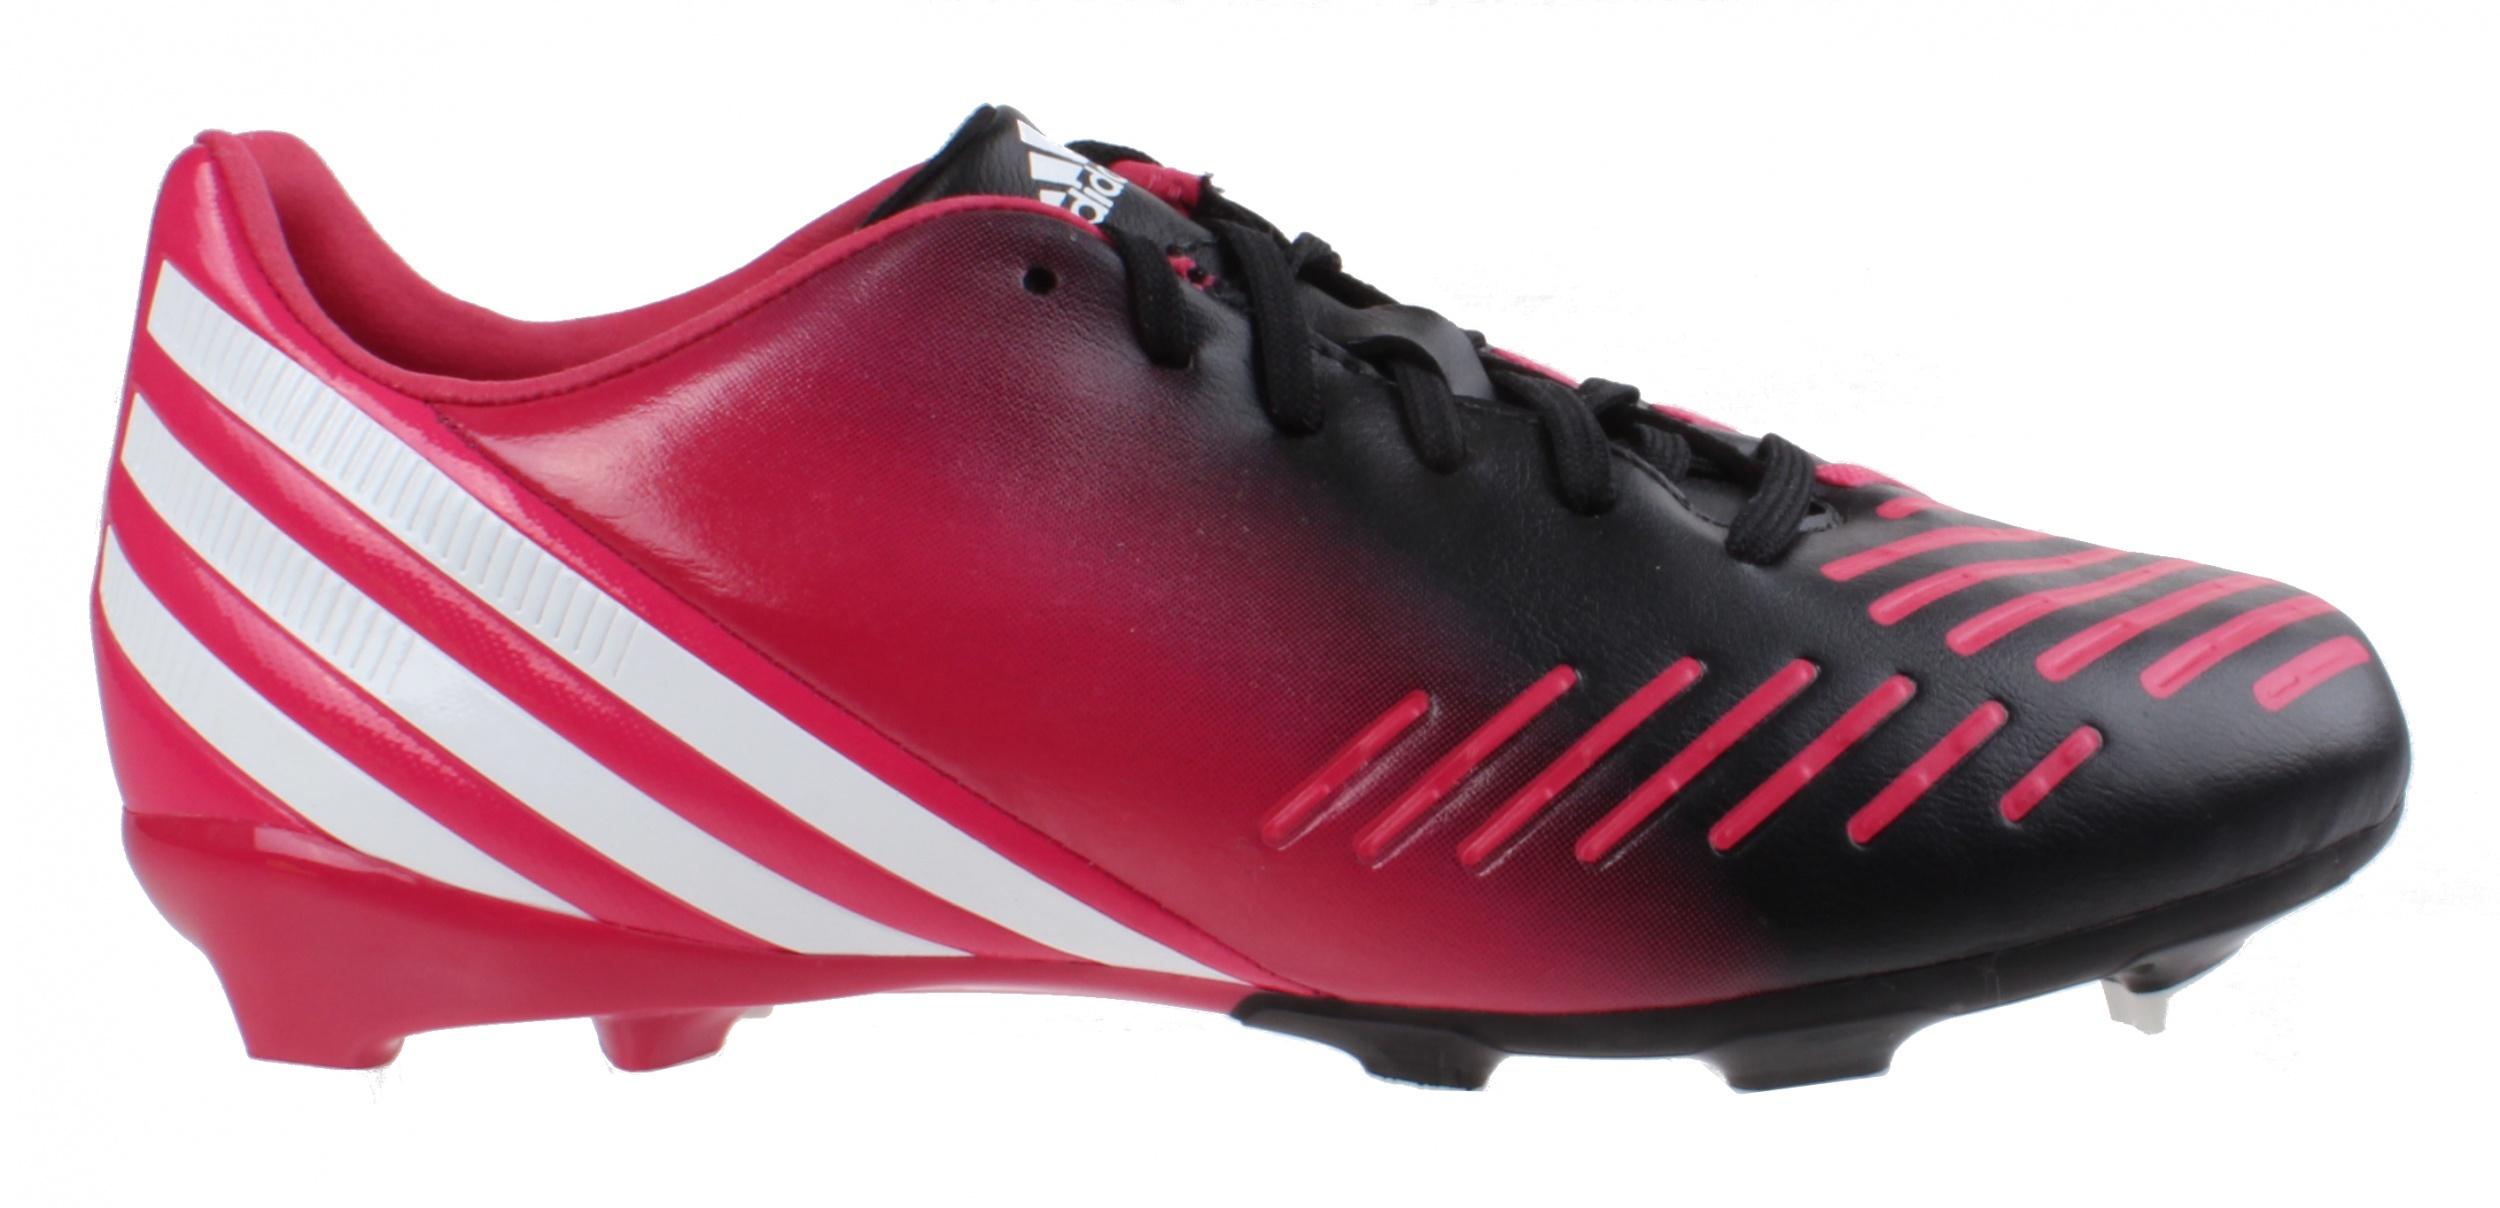 d4649dfdb05 adidas voetbalschoenen dames roze - Internet-Sport&Casuals